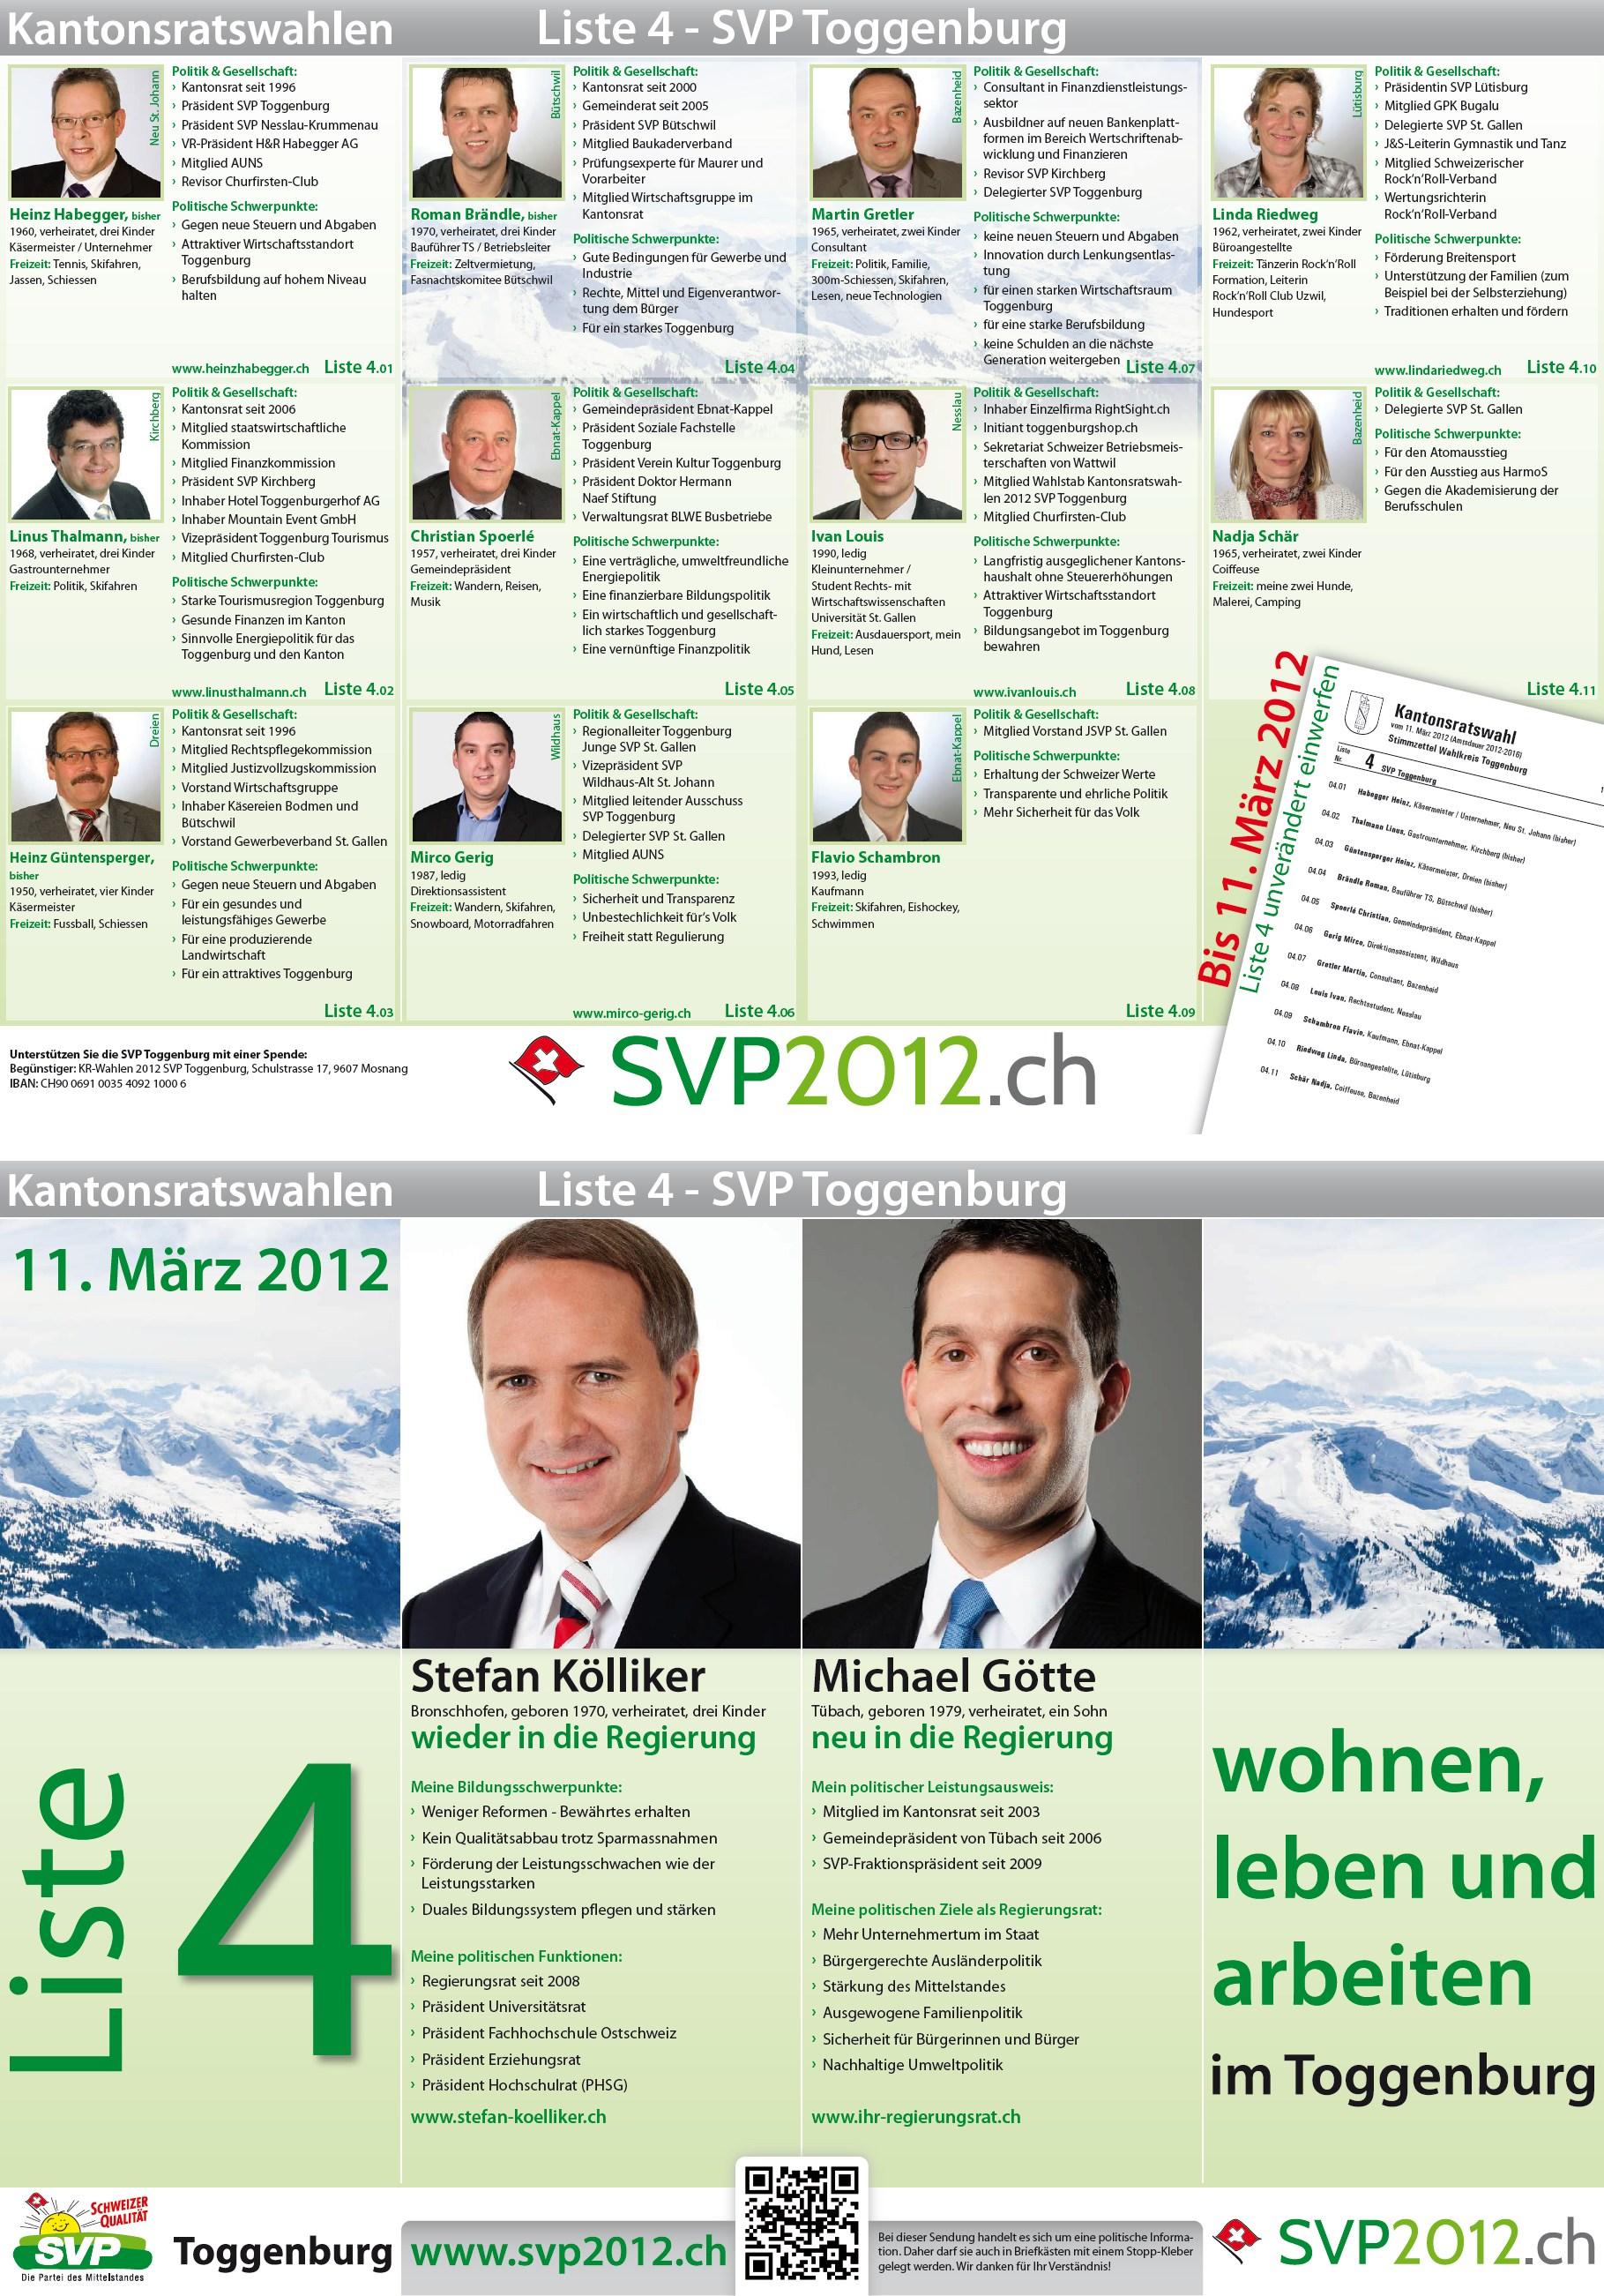 Flyer der SVP Toggenburg in den Haushalten (Montag, 13.02.2012)